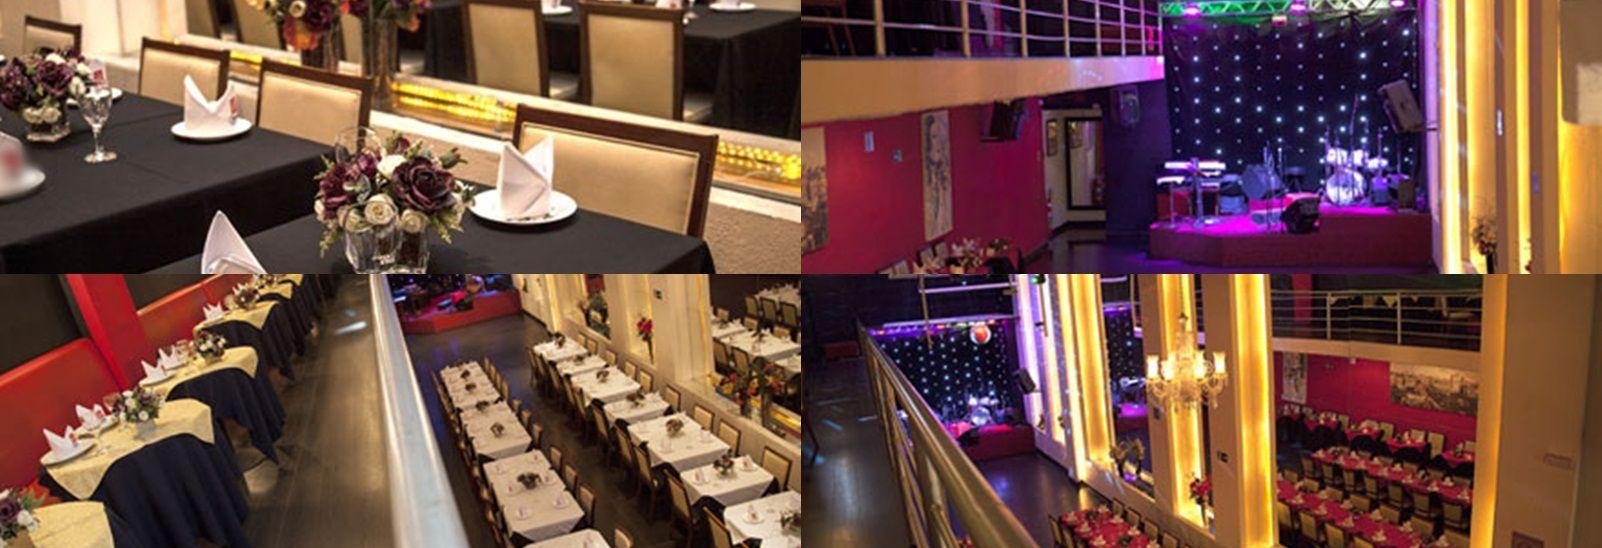 Restaurante na Zona Sul considerado uma das melhores noites de SP. Confira!!!